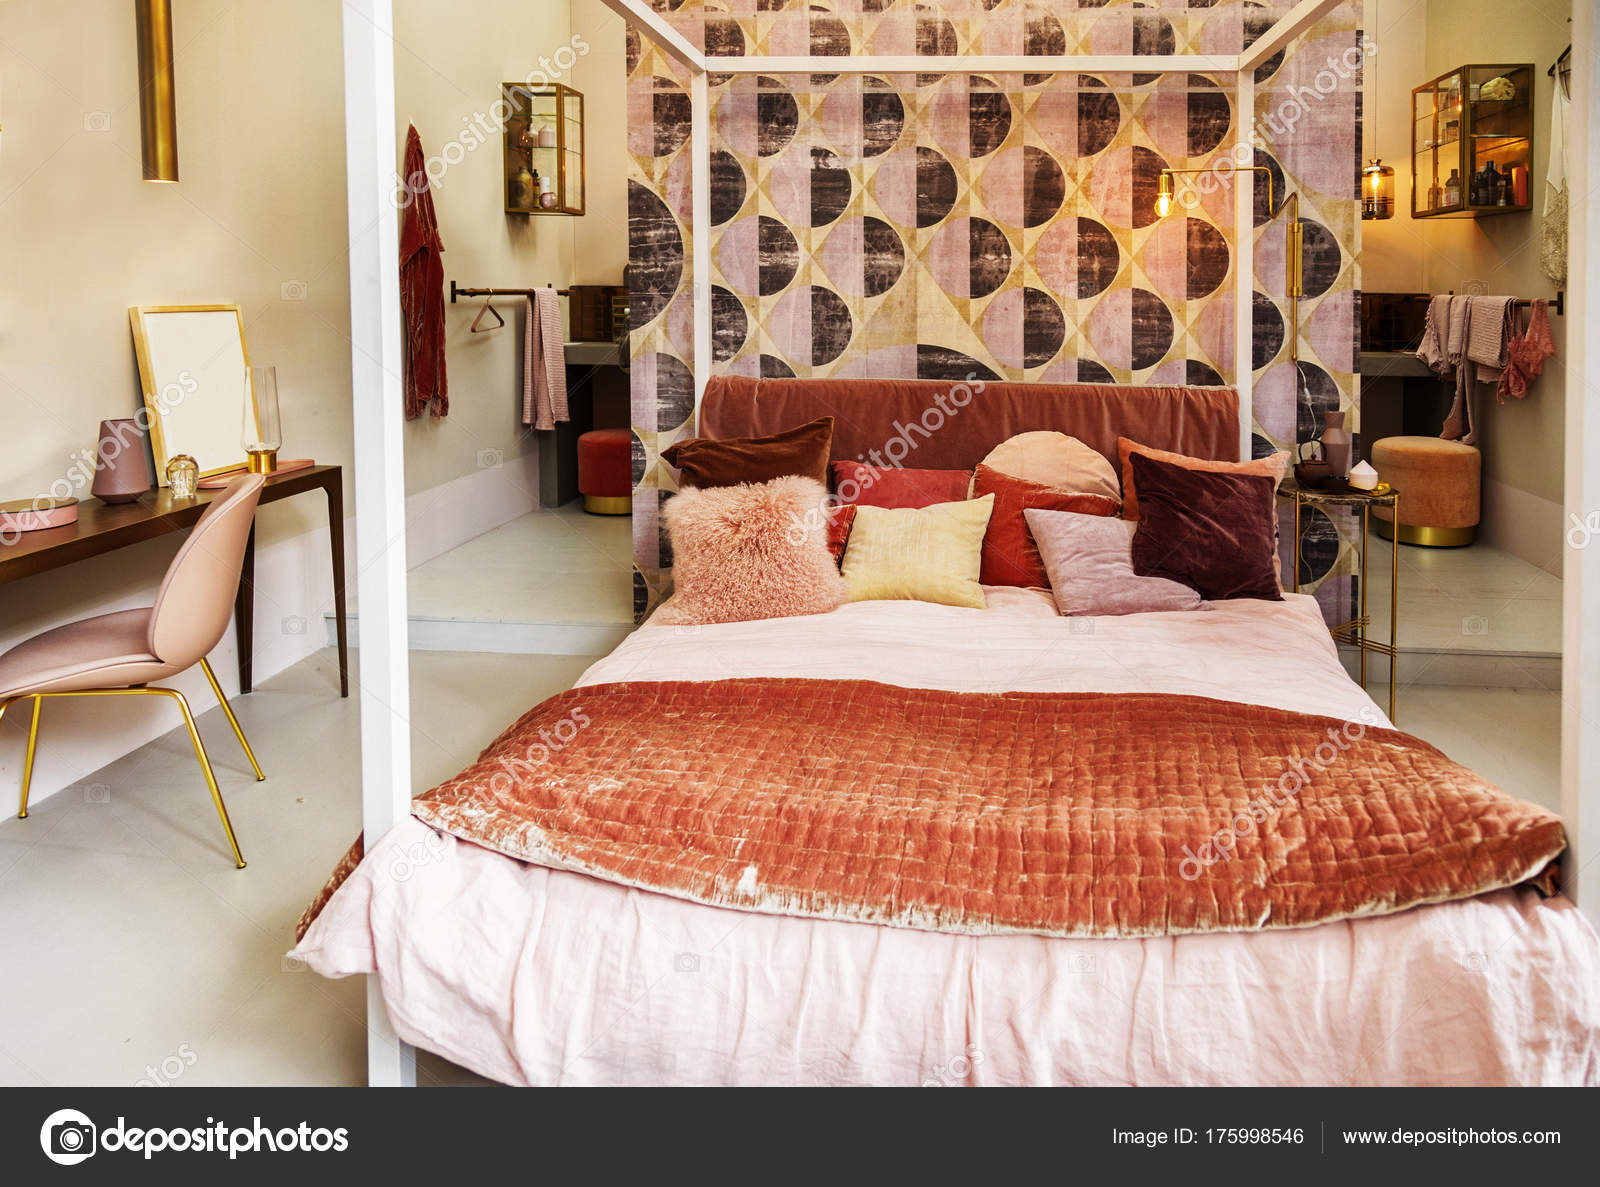 Slaapkamer Landelijke Stijl : Slaapkamer in landelijke stijl u stockfoto araraadt